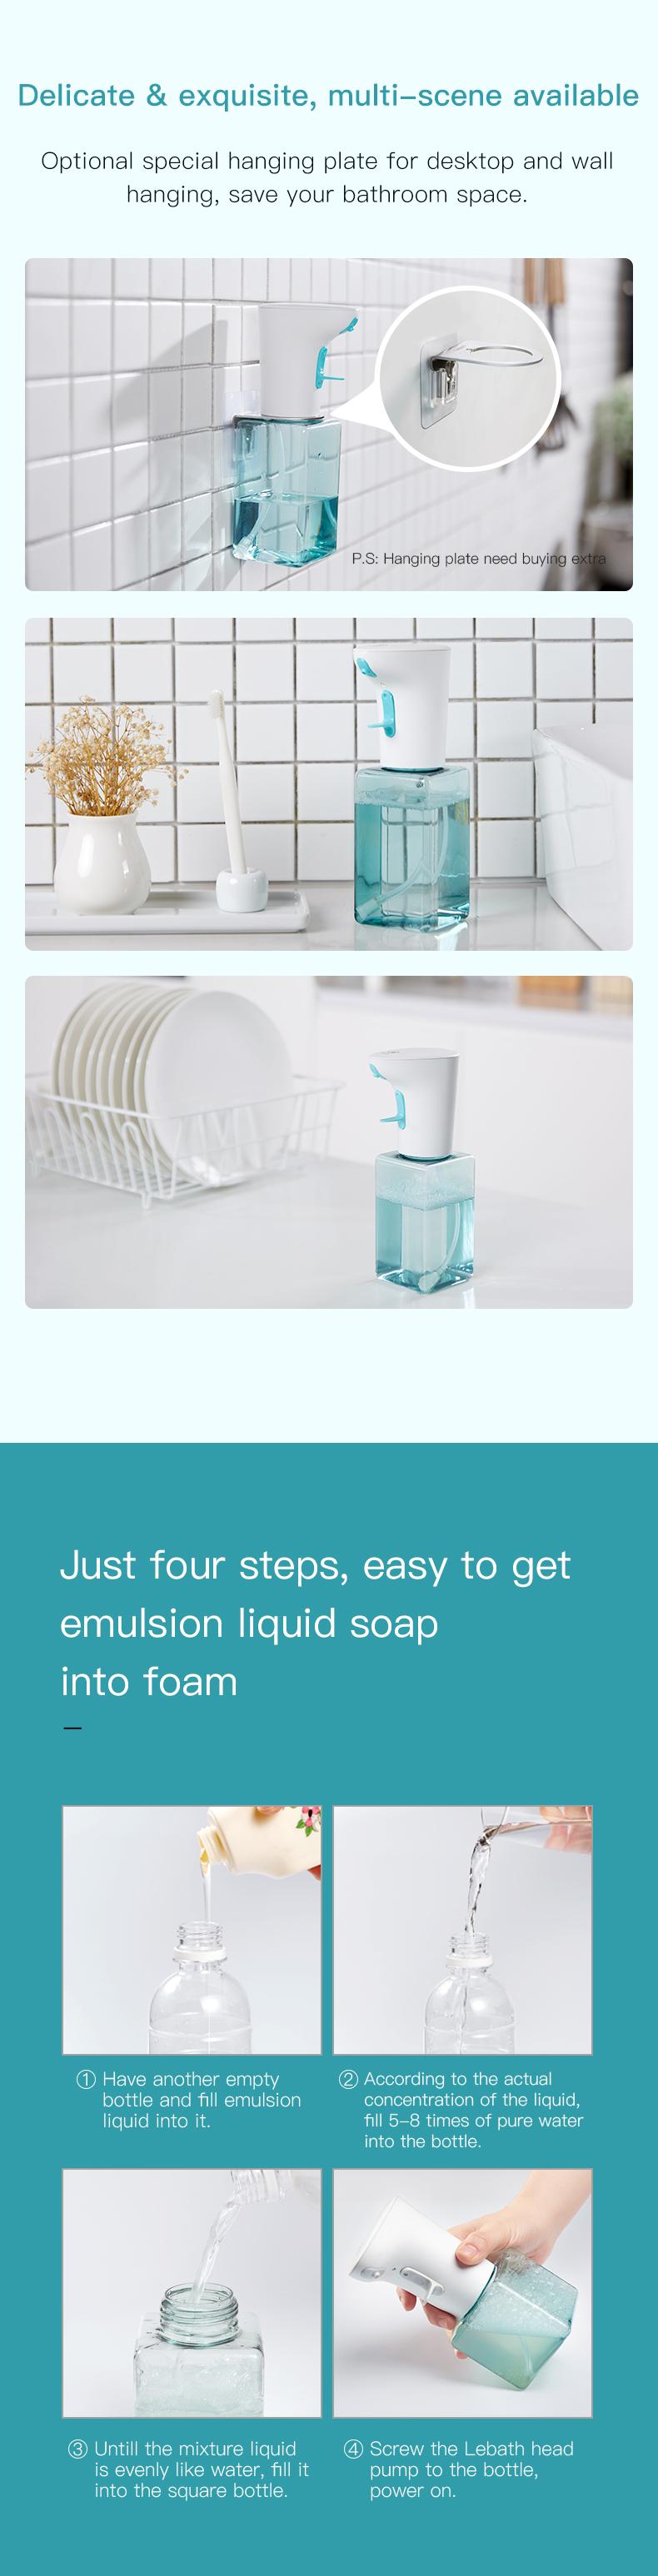 New-touchless-sensor-automatic-foam-soap-dispenser-Pieces